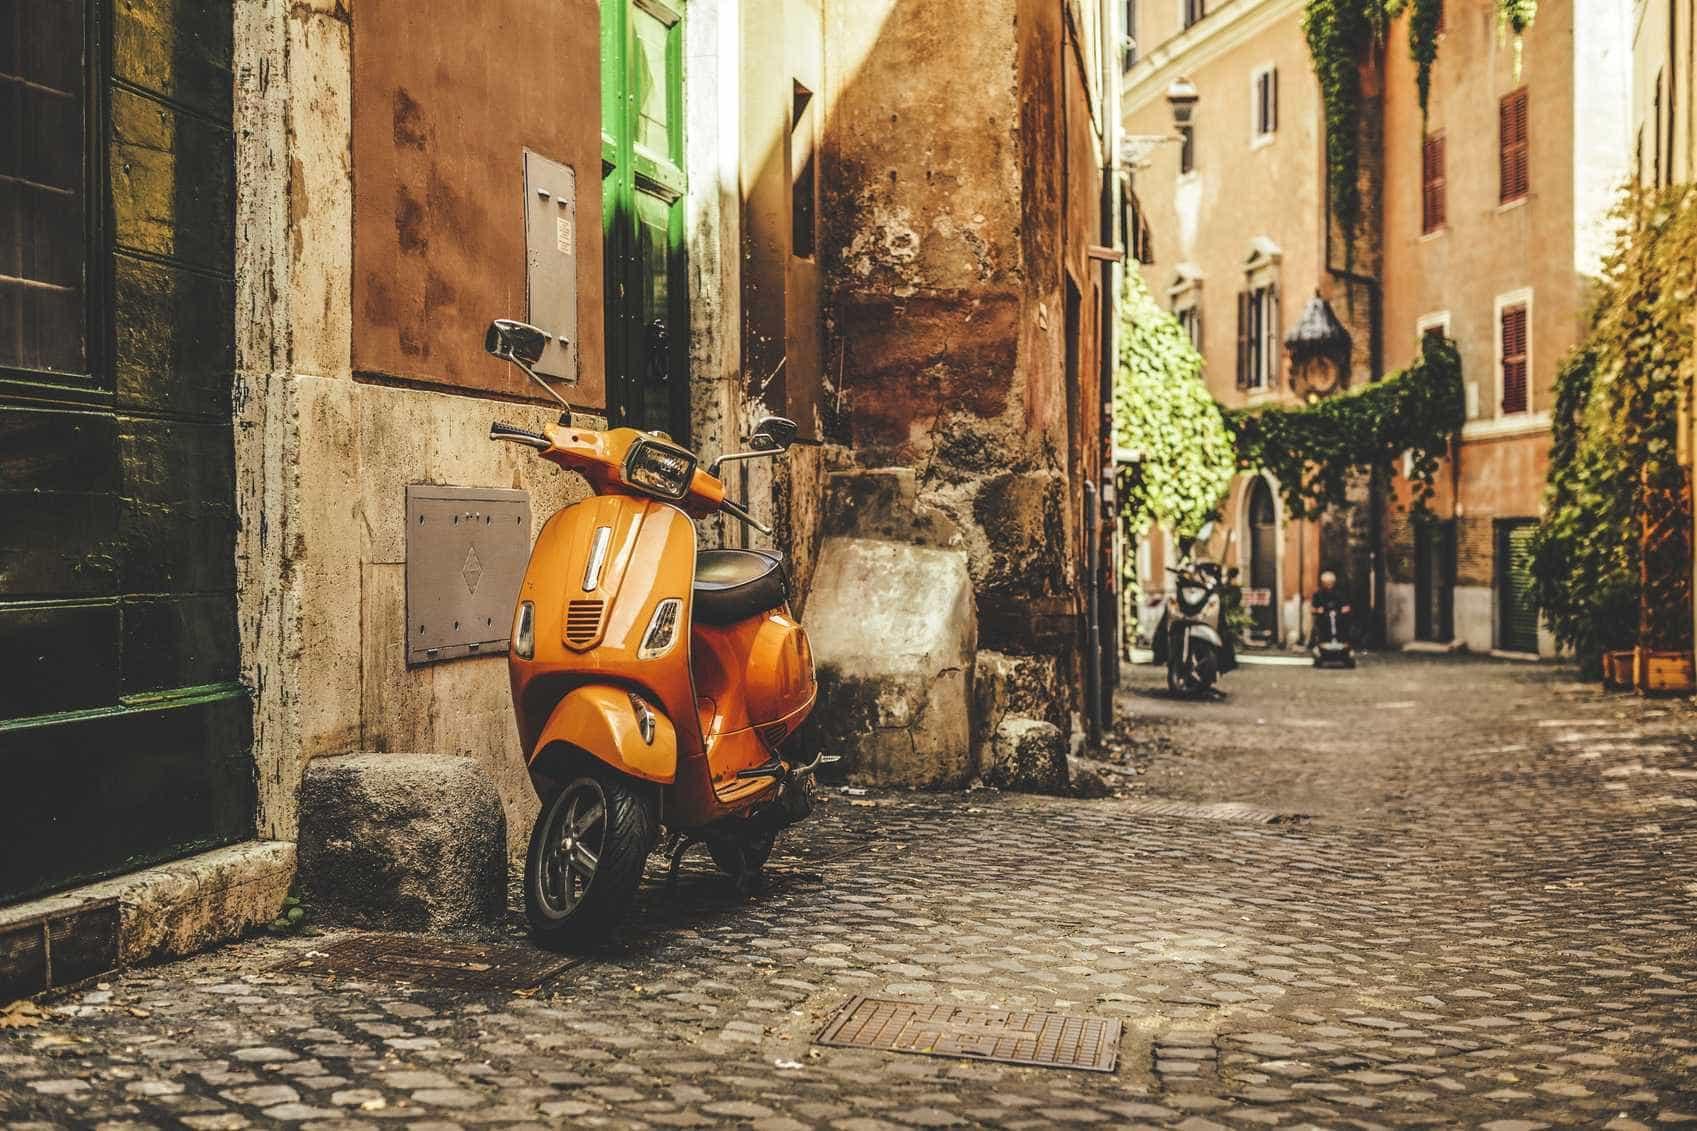 Dormir em Itália sem gastar um tostão? Diga o que oferece em troca